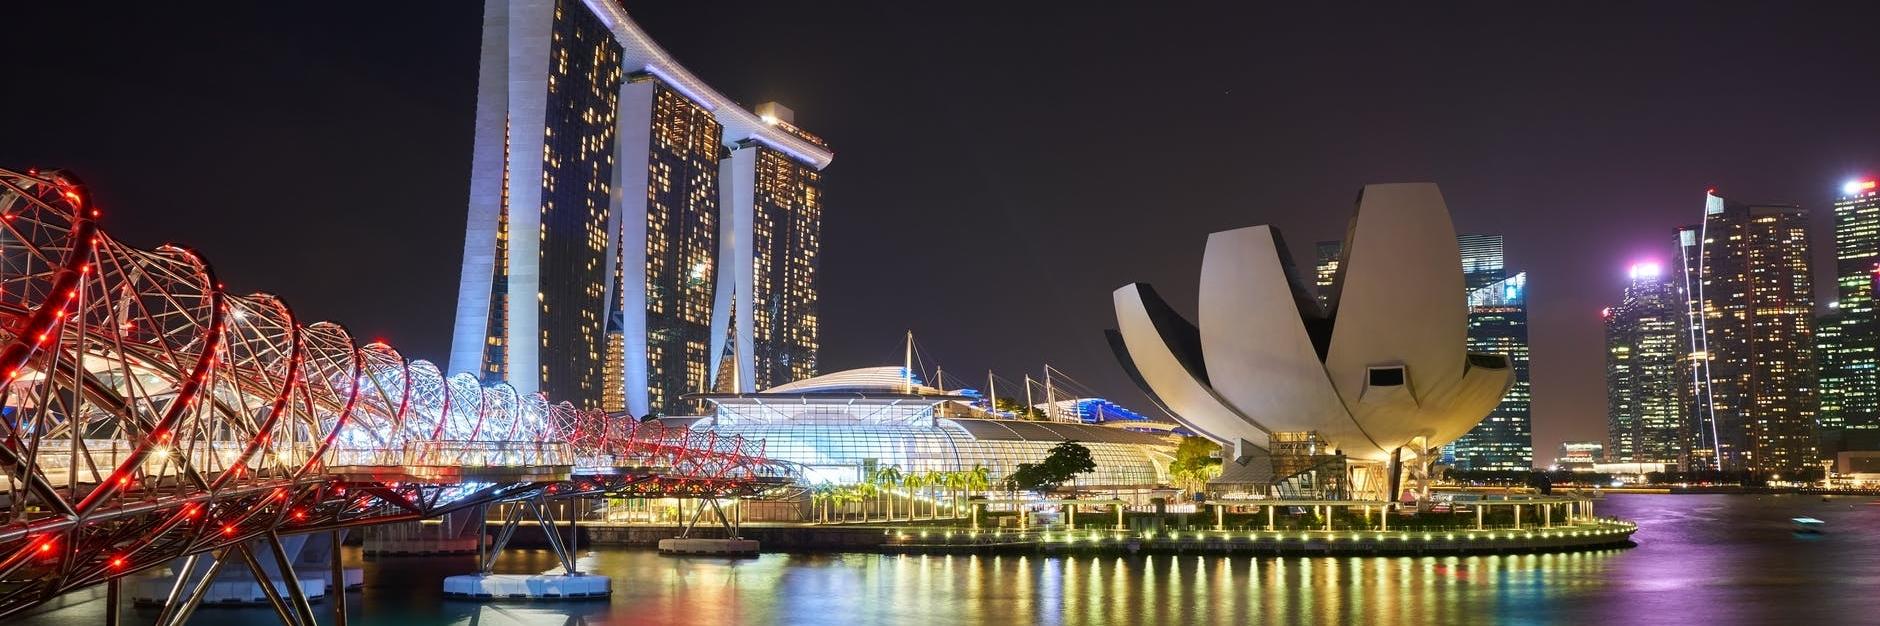 https://gody.vn/blog/trantai5403/post/tong-hop-nhung-le-hoi-su-kien-hot-tại-singapore-trong-thang-7-4015